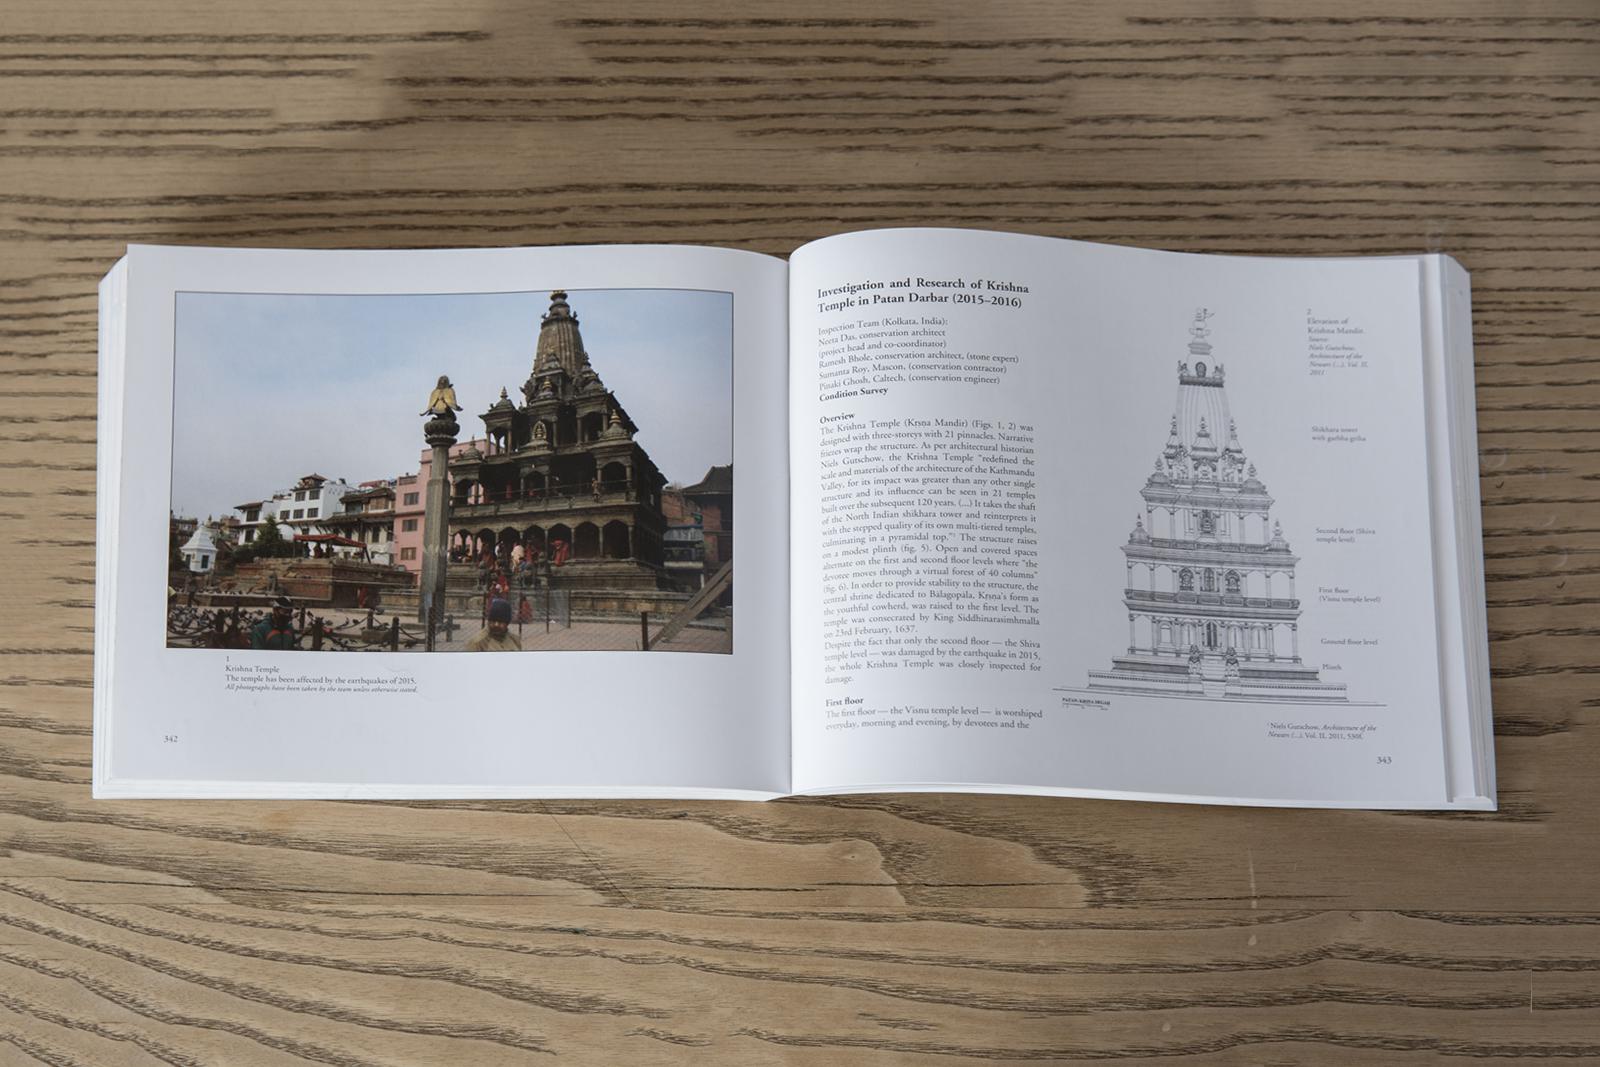 kvpt_book-spread07.jpg